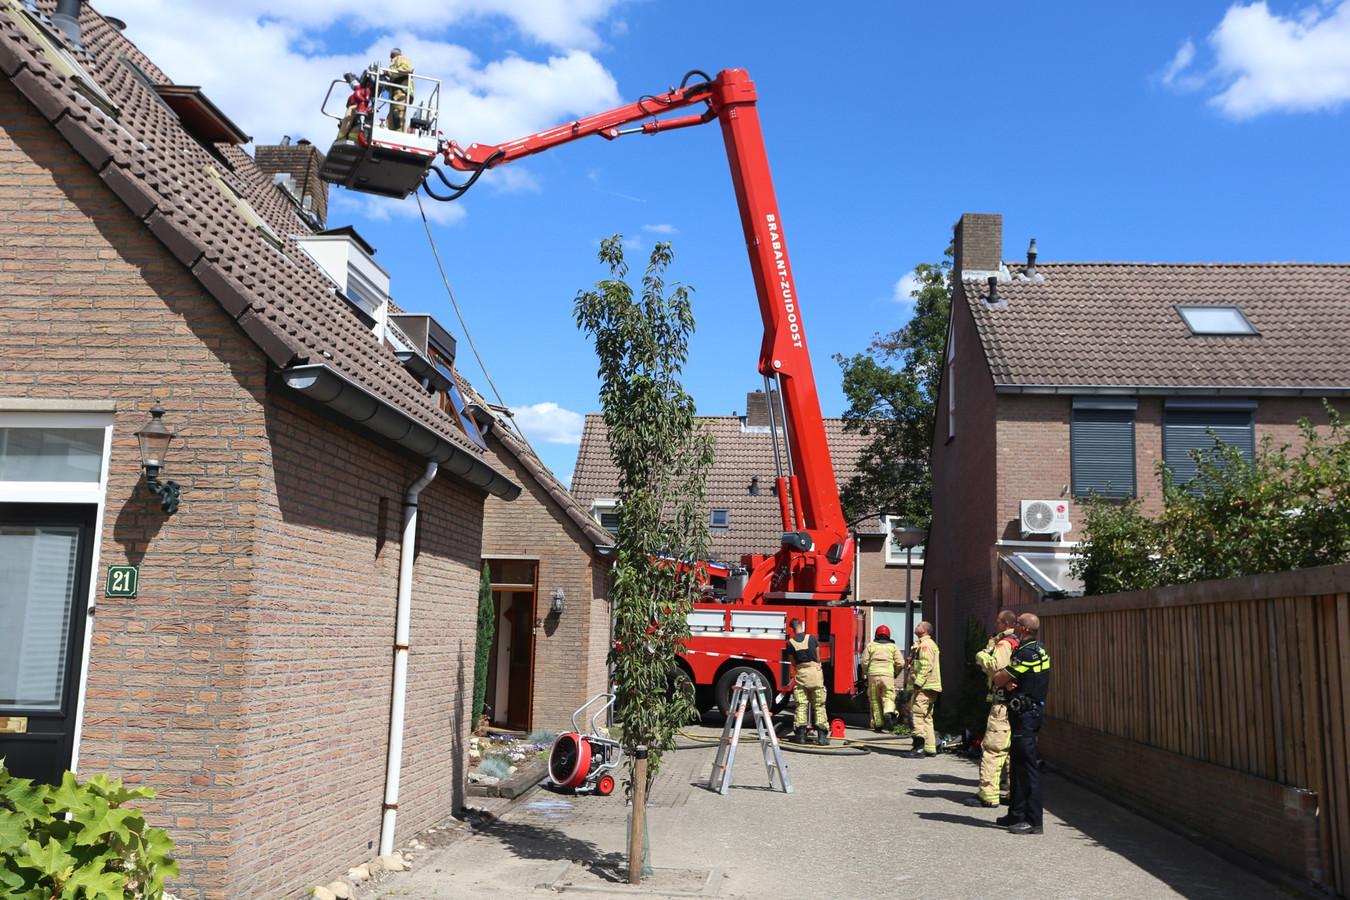 Een hoogwerker ter plaatse bij een brand op de zolder van een woning in Best.